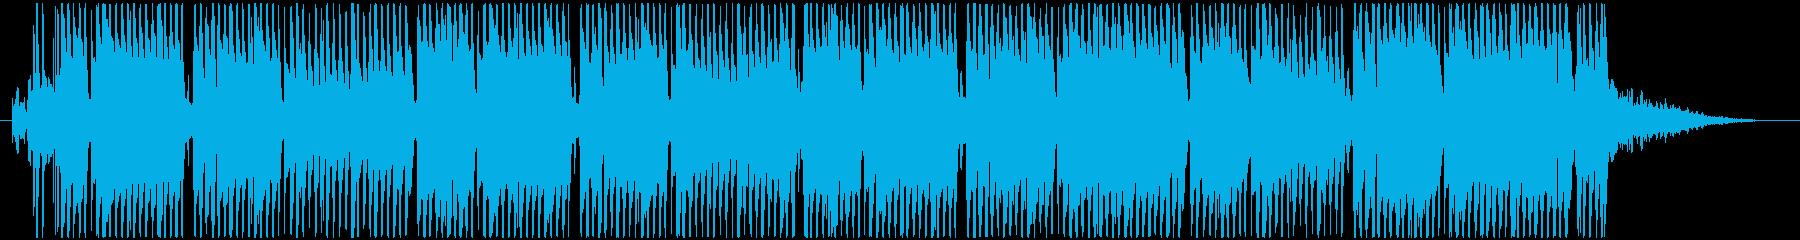 ポップなKawaiiFutureBassの再生済みの波形